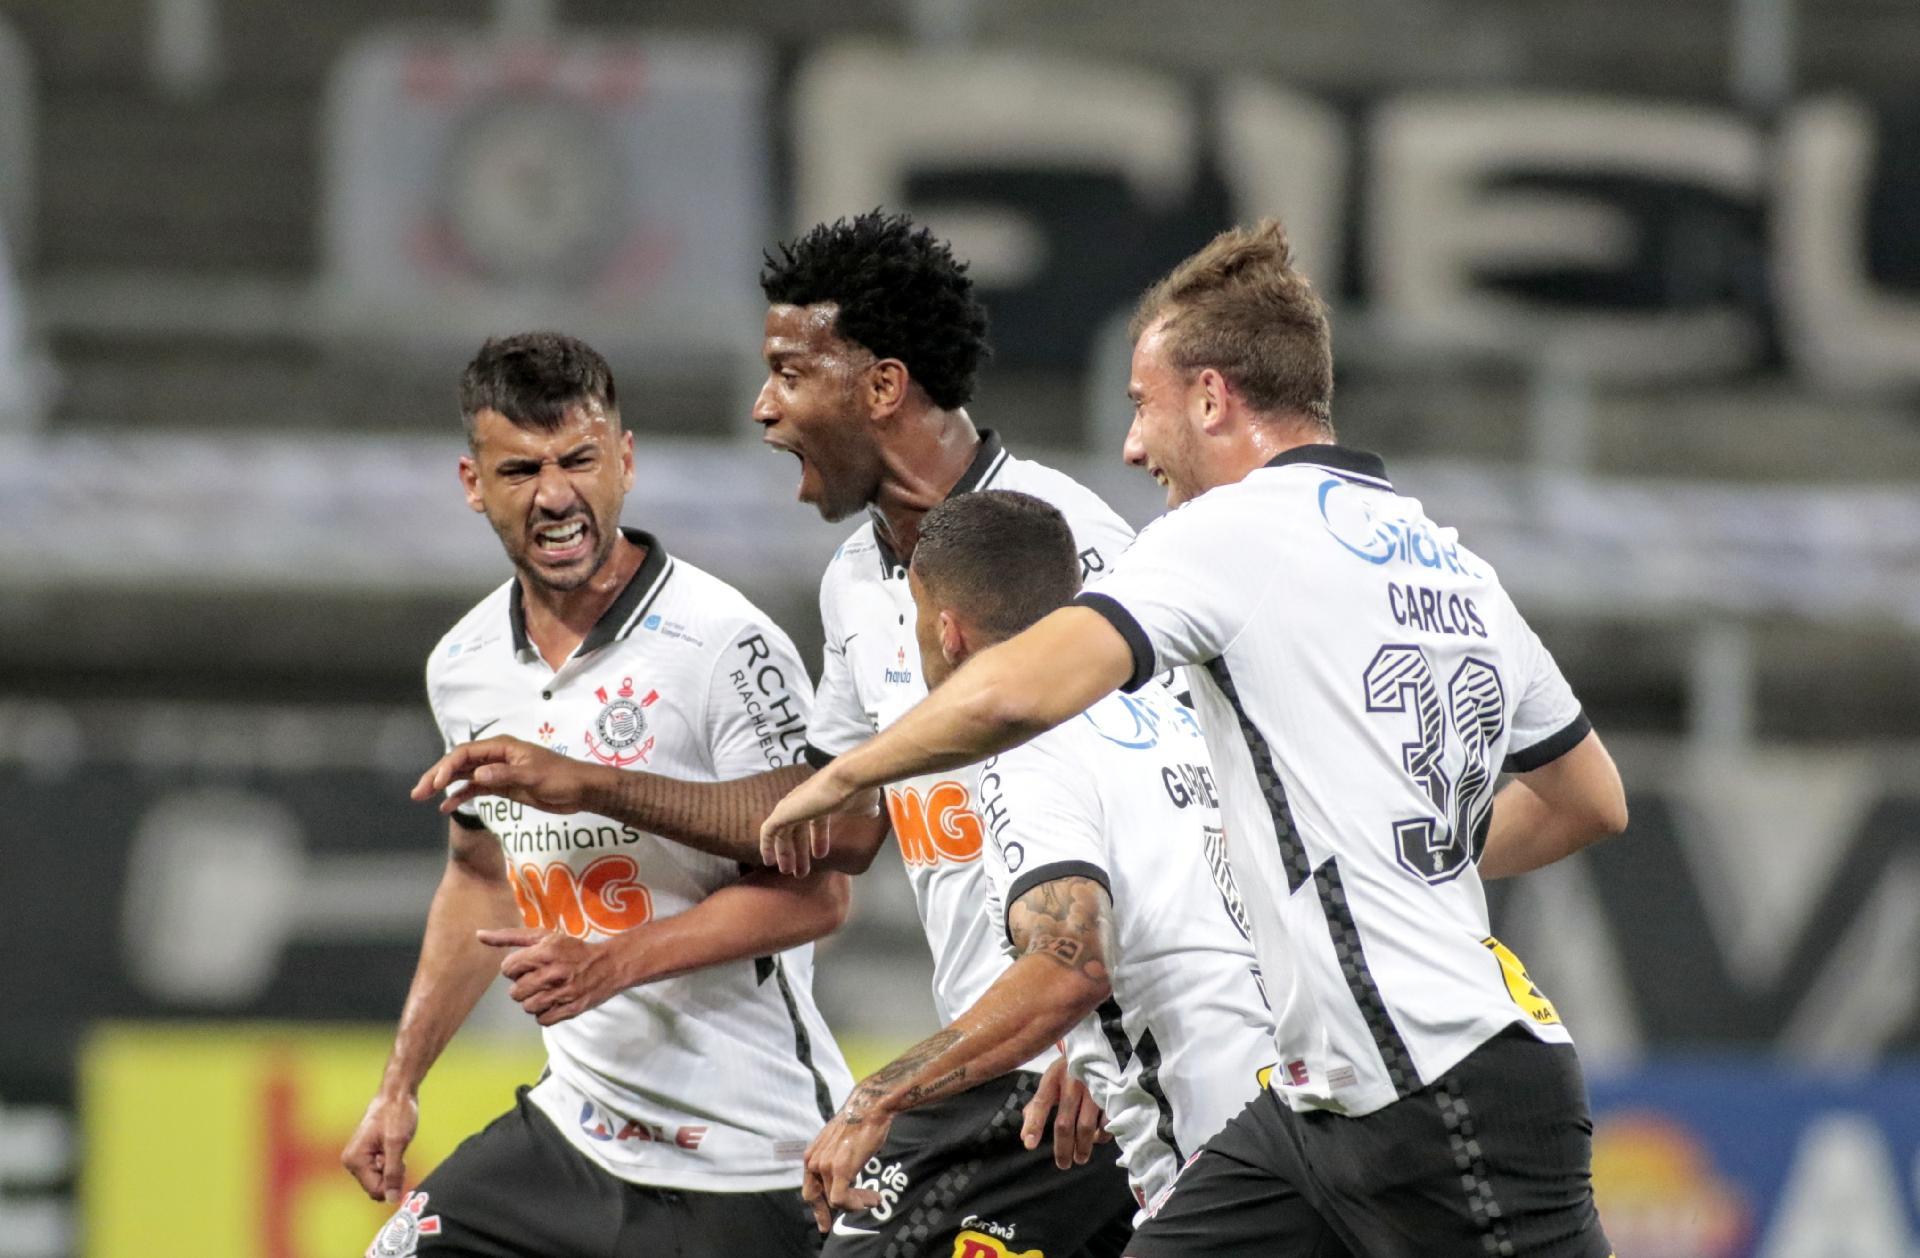 Gil comemora gol pelo Corinthians contra o Palmeiras - Rodrigo Coca / Agência Corinthians